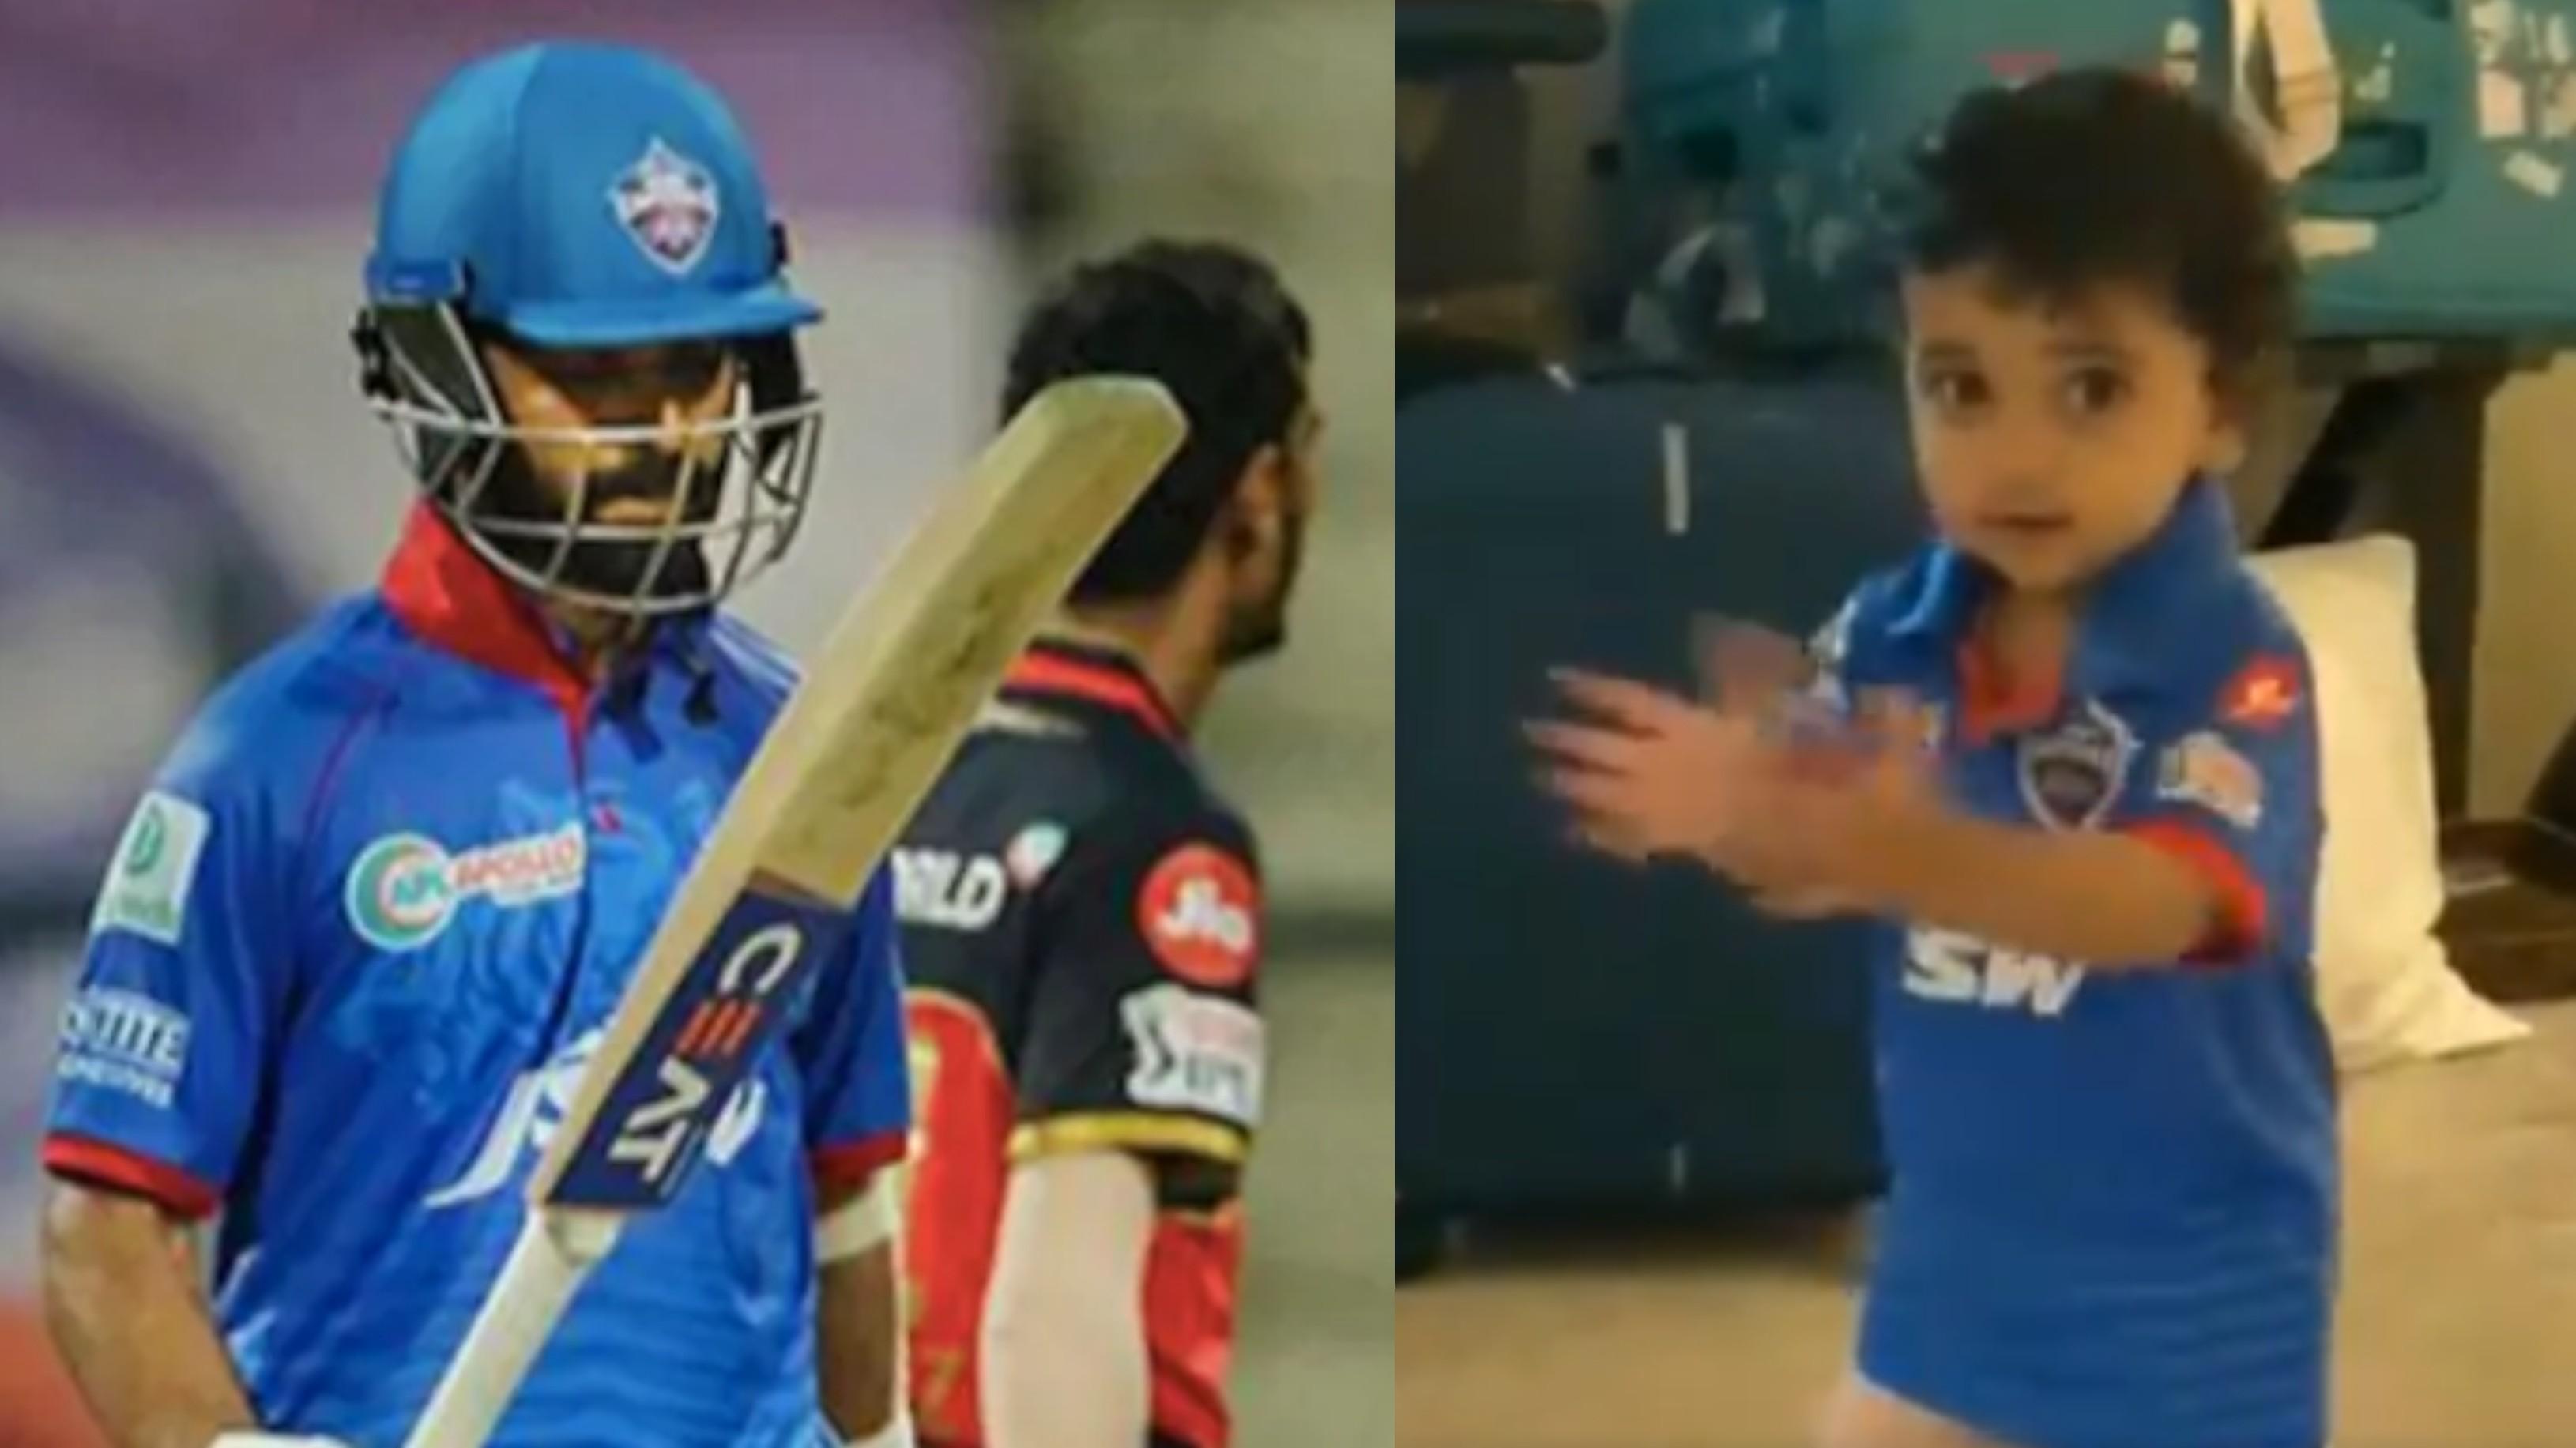 IPL 2020: WATCH - Ajinkya Rahane's super excited daughter Aarya cheers for him vs RCB